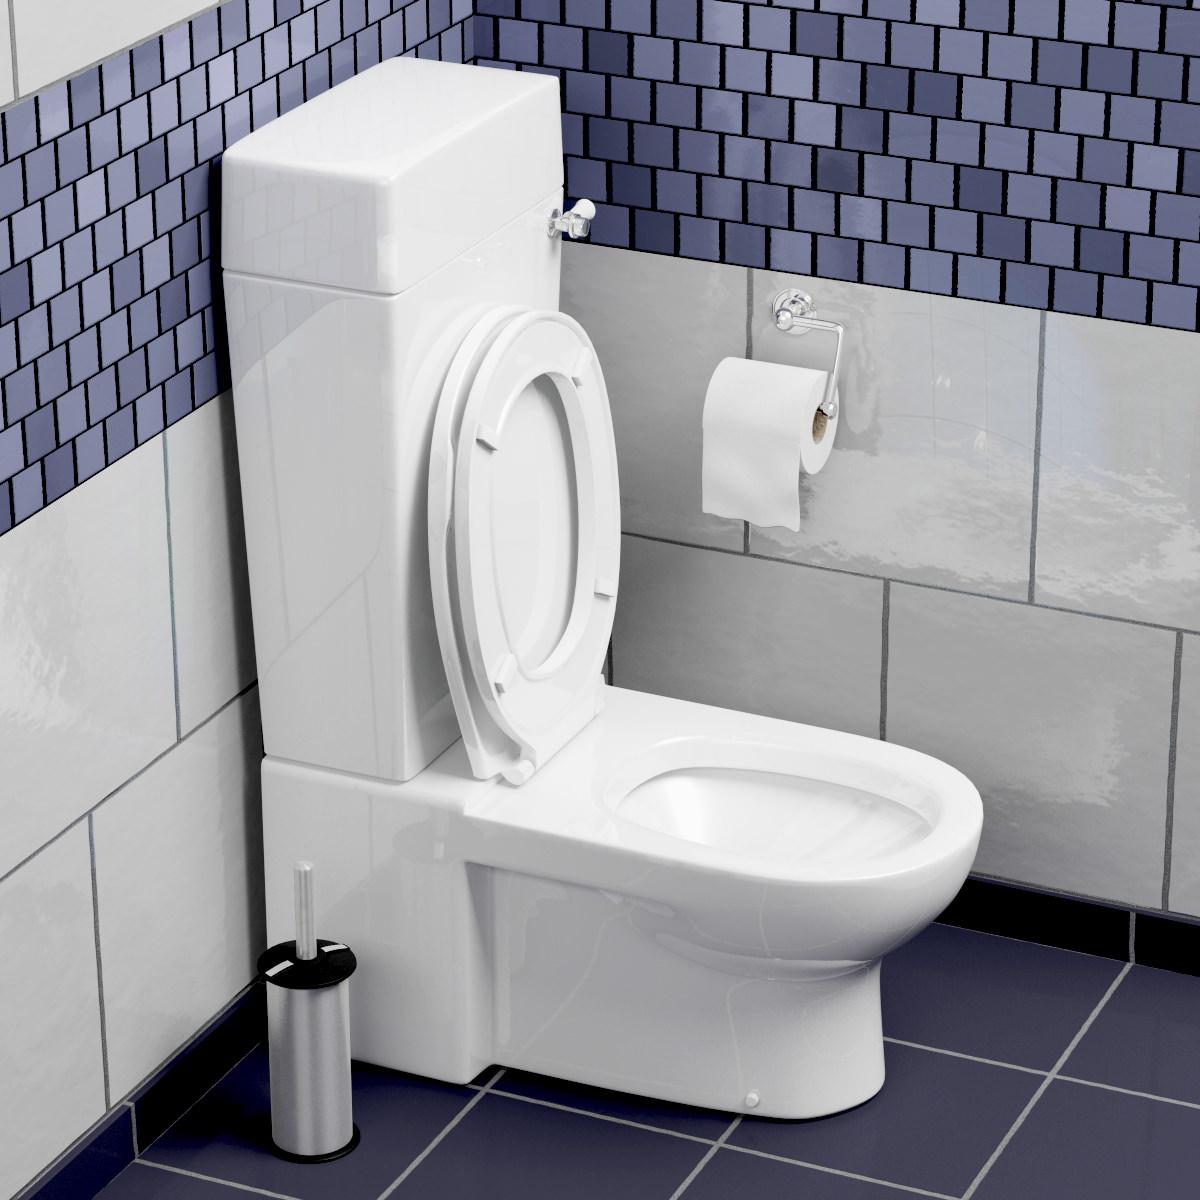 Toilet 3d model max obj fbx mtl mat - Toilet model ...